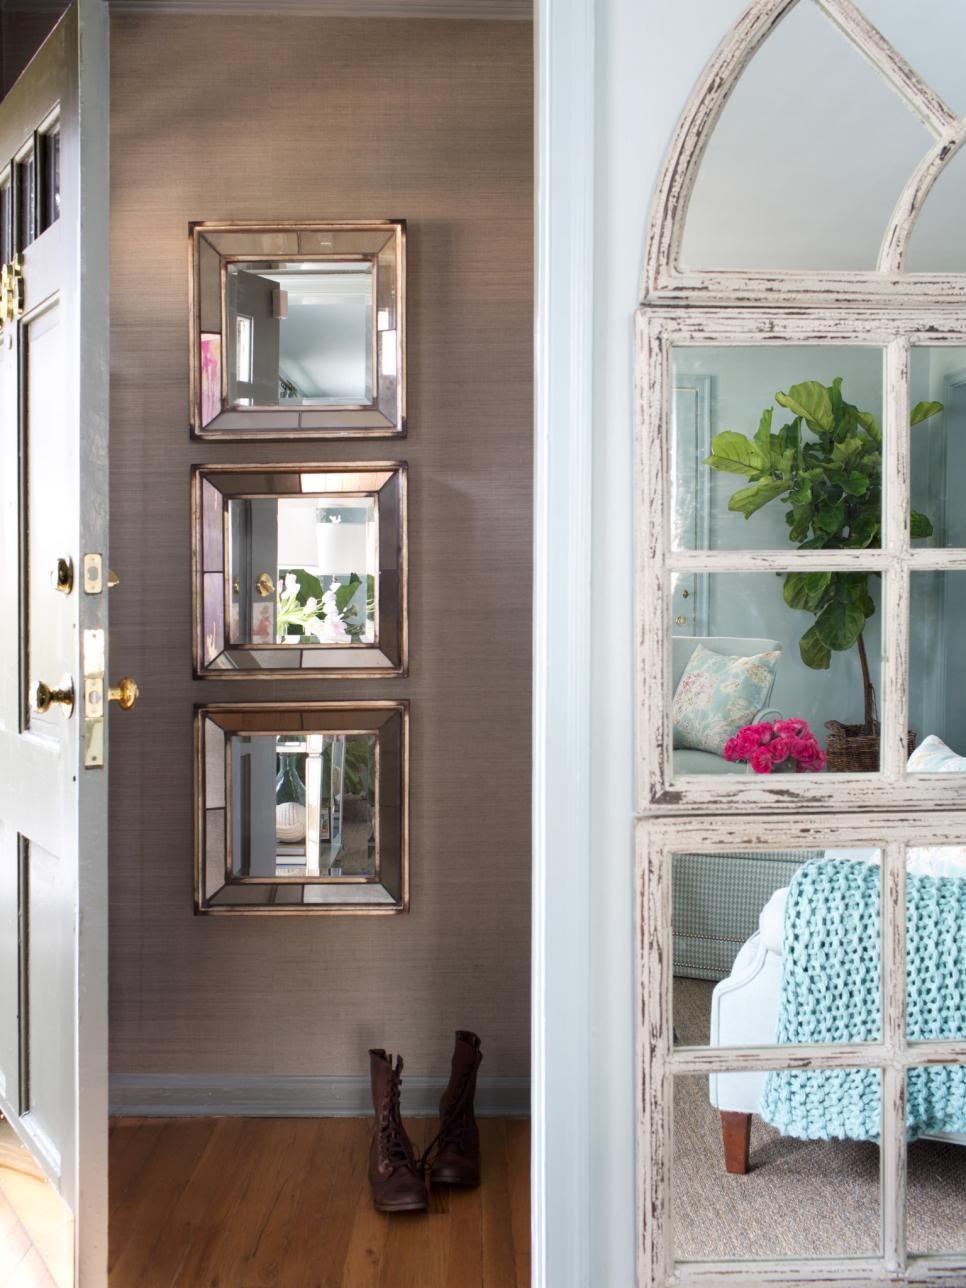 Три небольших зеркальных квадрата, расположенные рядом друг с другом